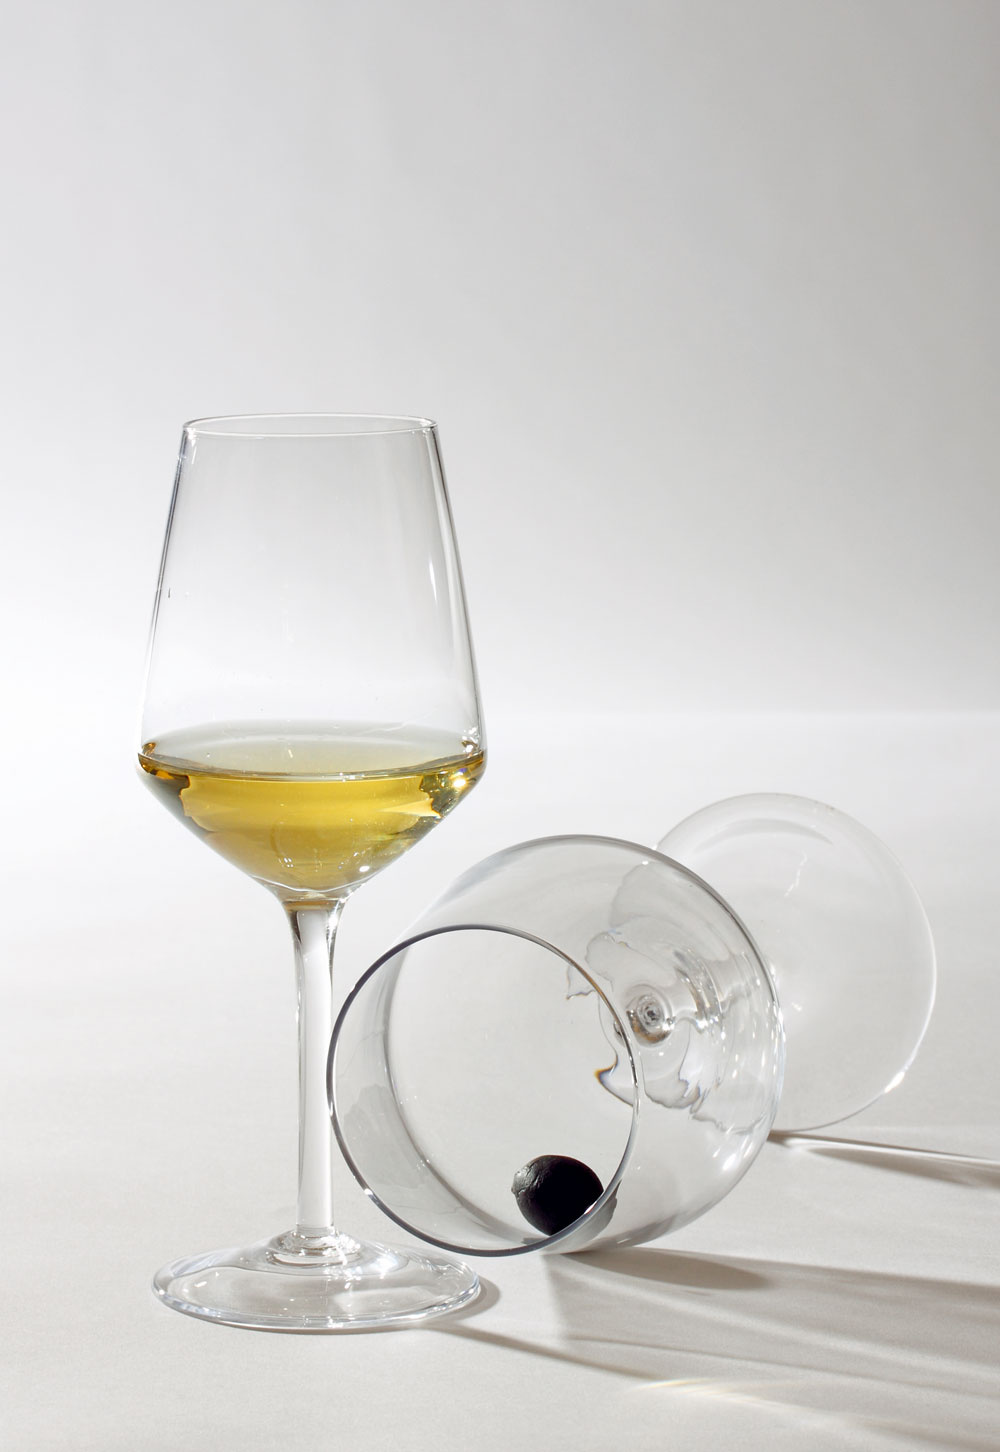 Poháre IKEA 365+ Ivrig na červené víno sobjemom 48 cl, na biele 26 cl. Cena 1,99€/ks. Predáva IKEA